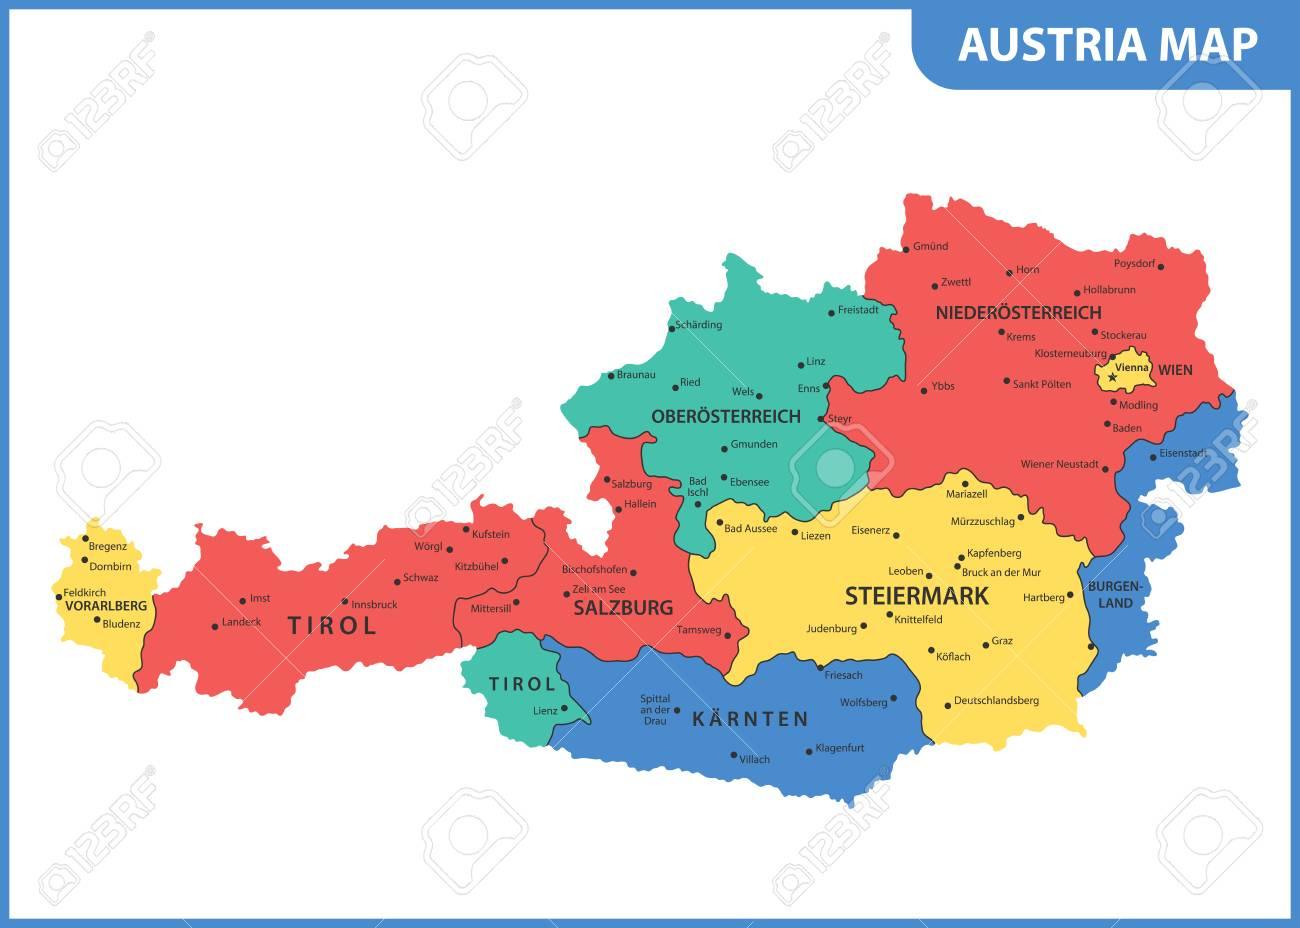 La Carte Détaillée De L'autriche Avec Des Régions Ou Des États Et Des  Villes, Capitale intérieur Carte De France Détaillée Avec Les Villes